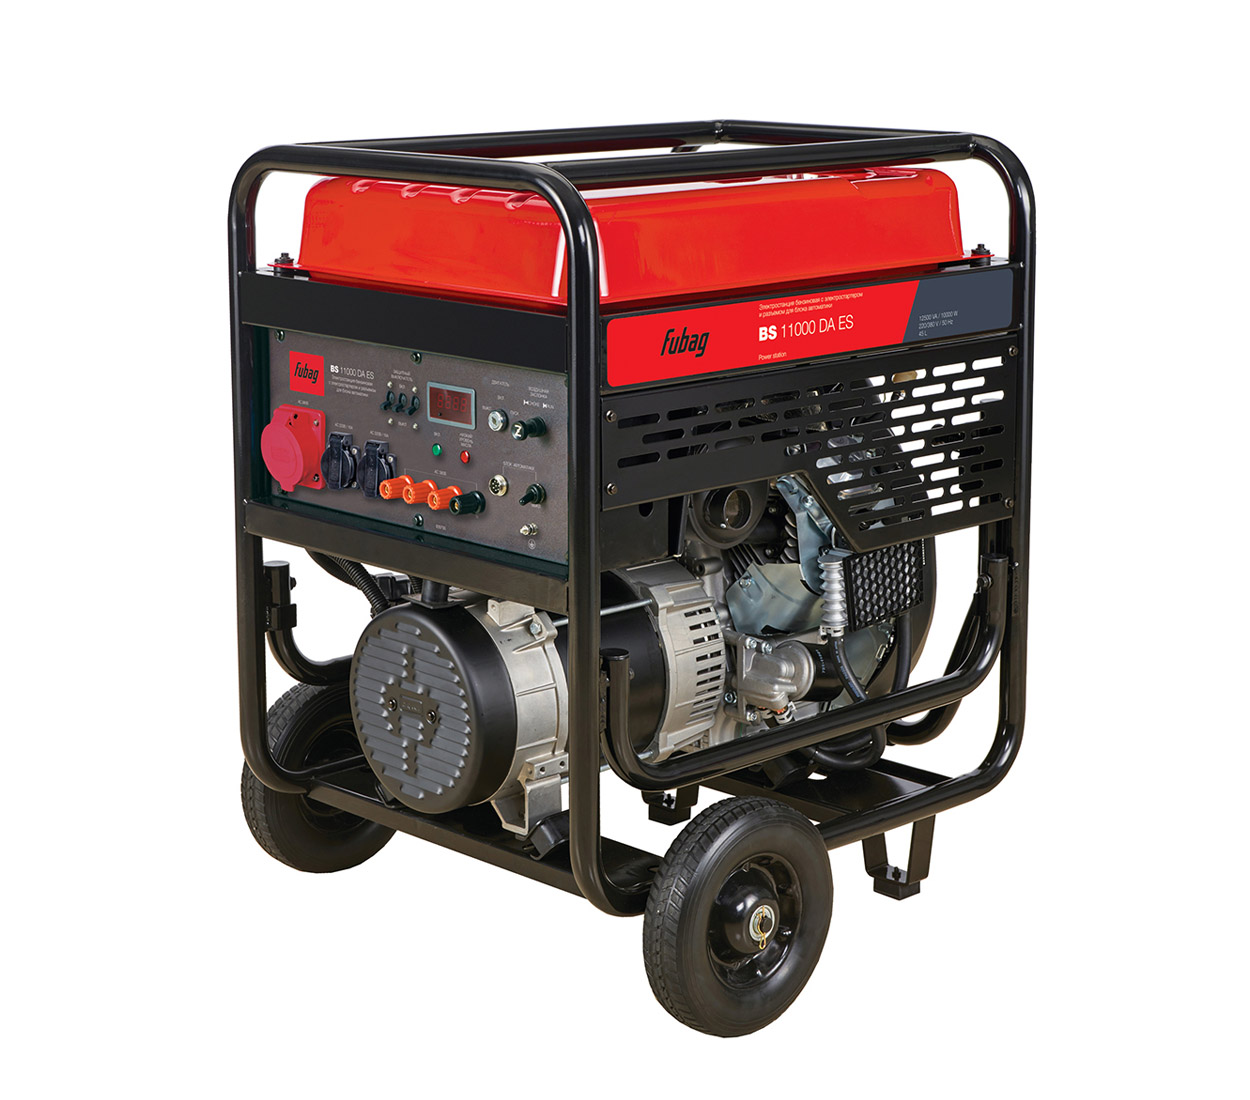 Бензиновый генератор (Бензогенератор) FUBAG BS 11000 DA ES